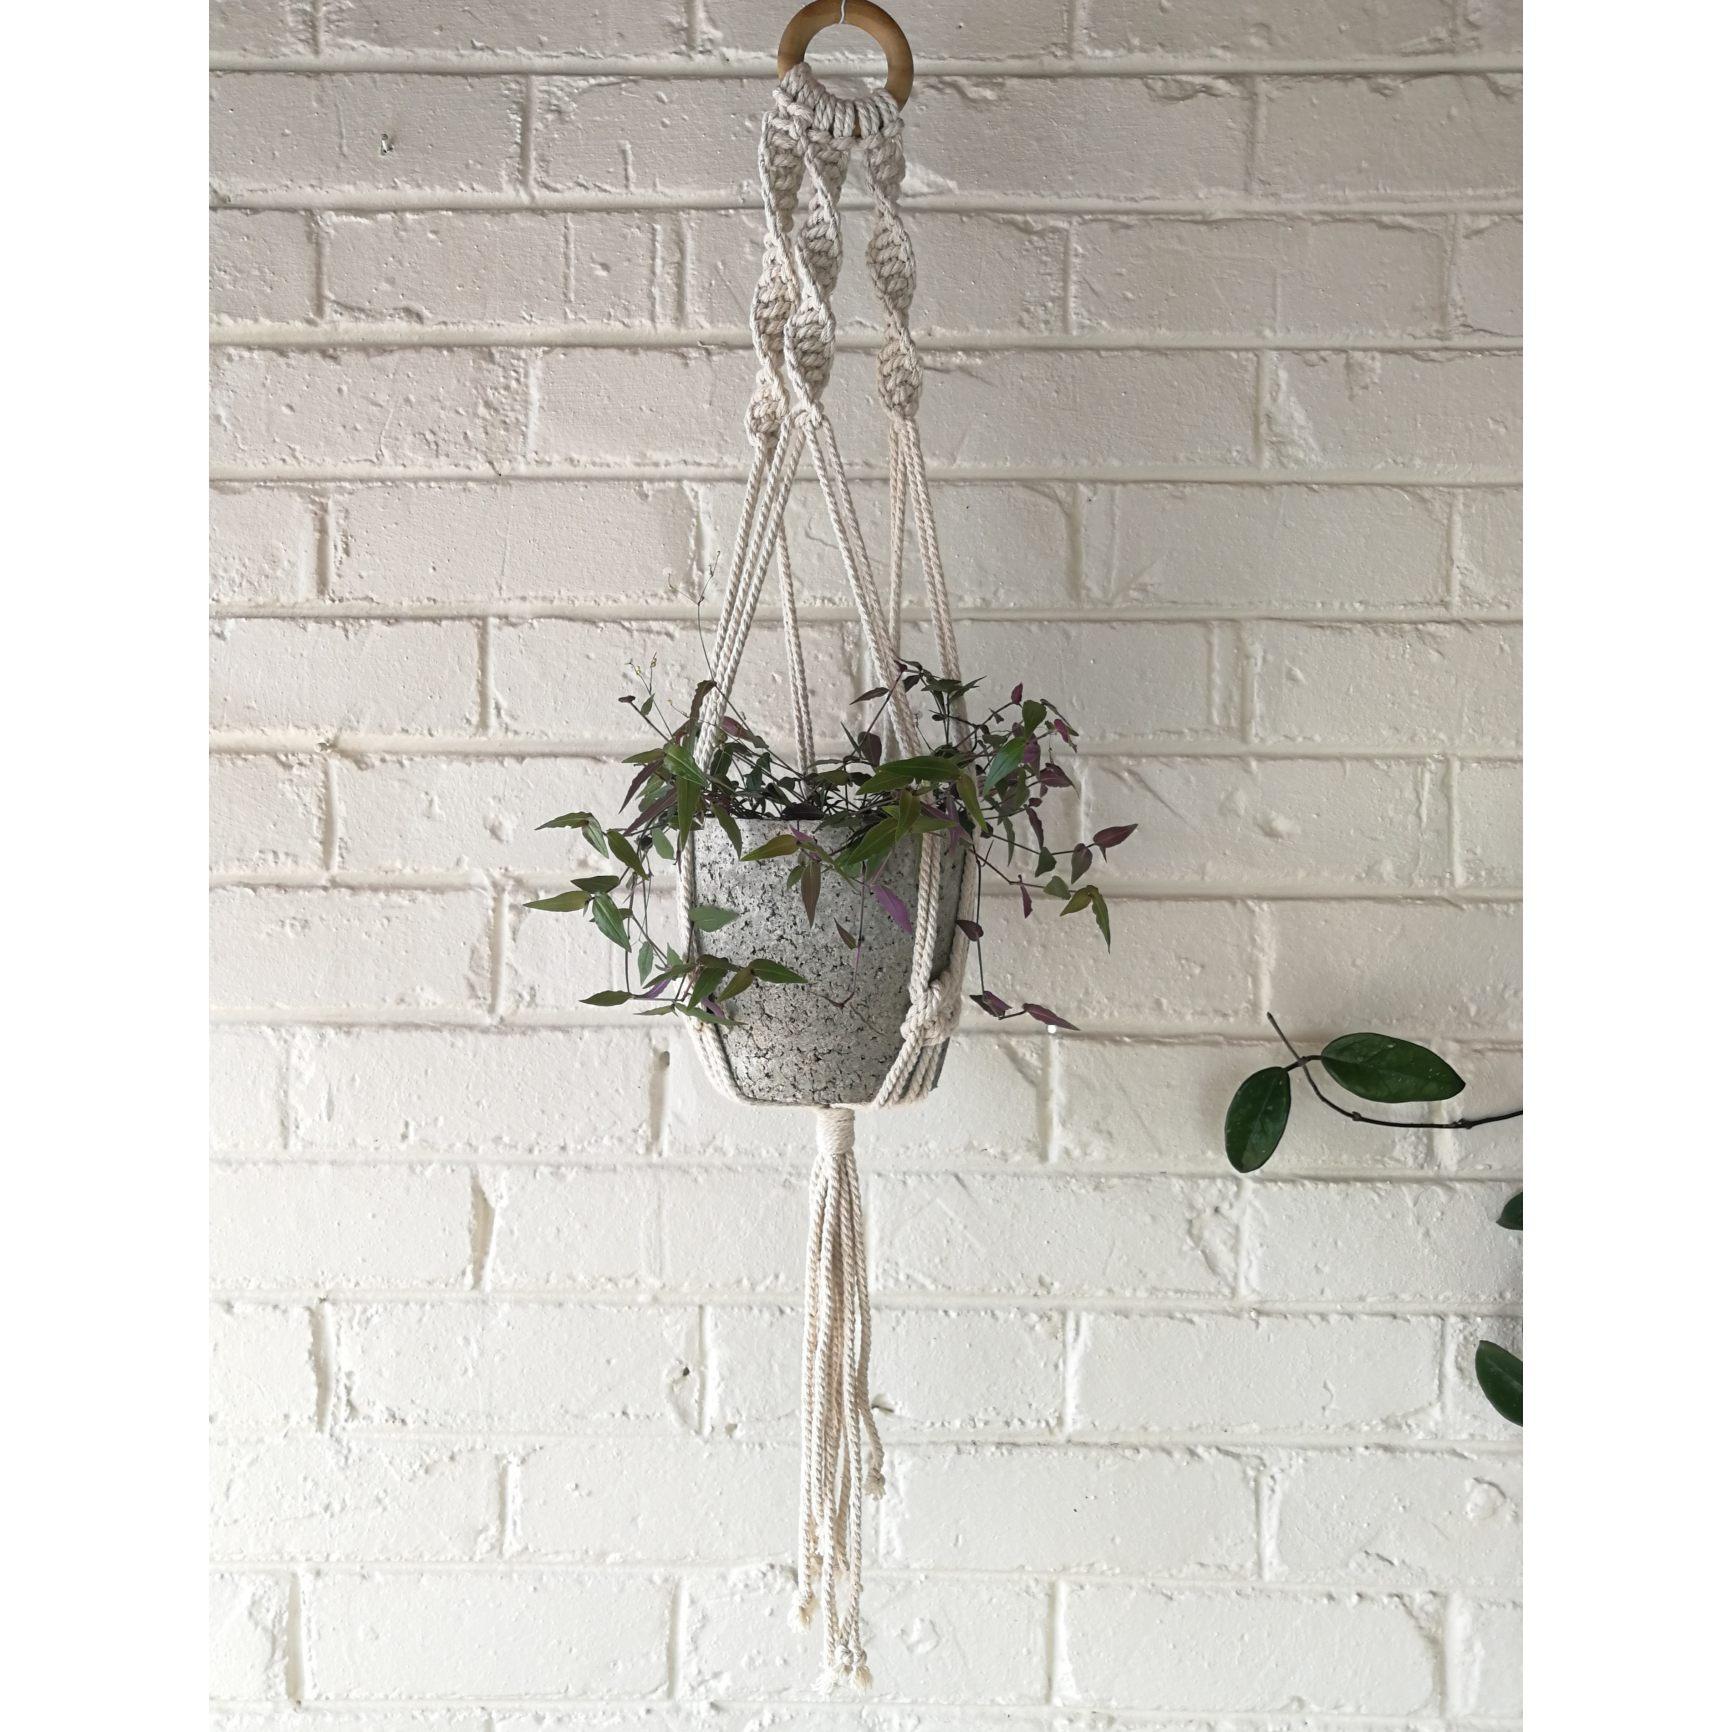 Macramé hanger with plain plant pot